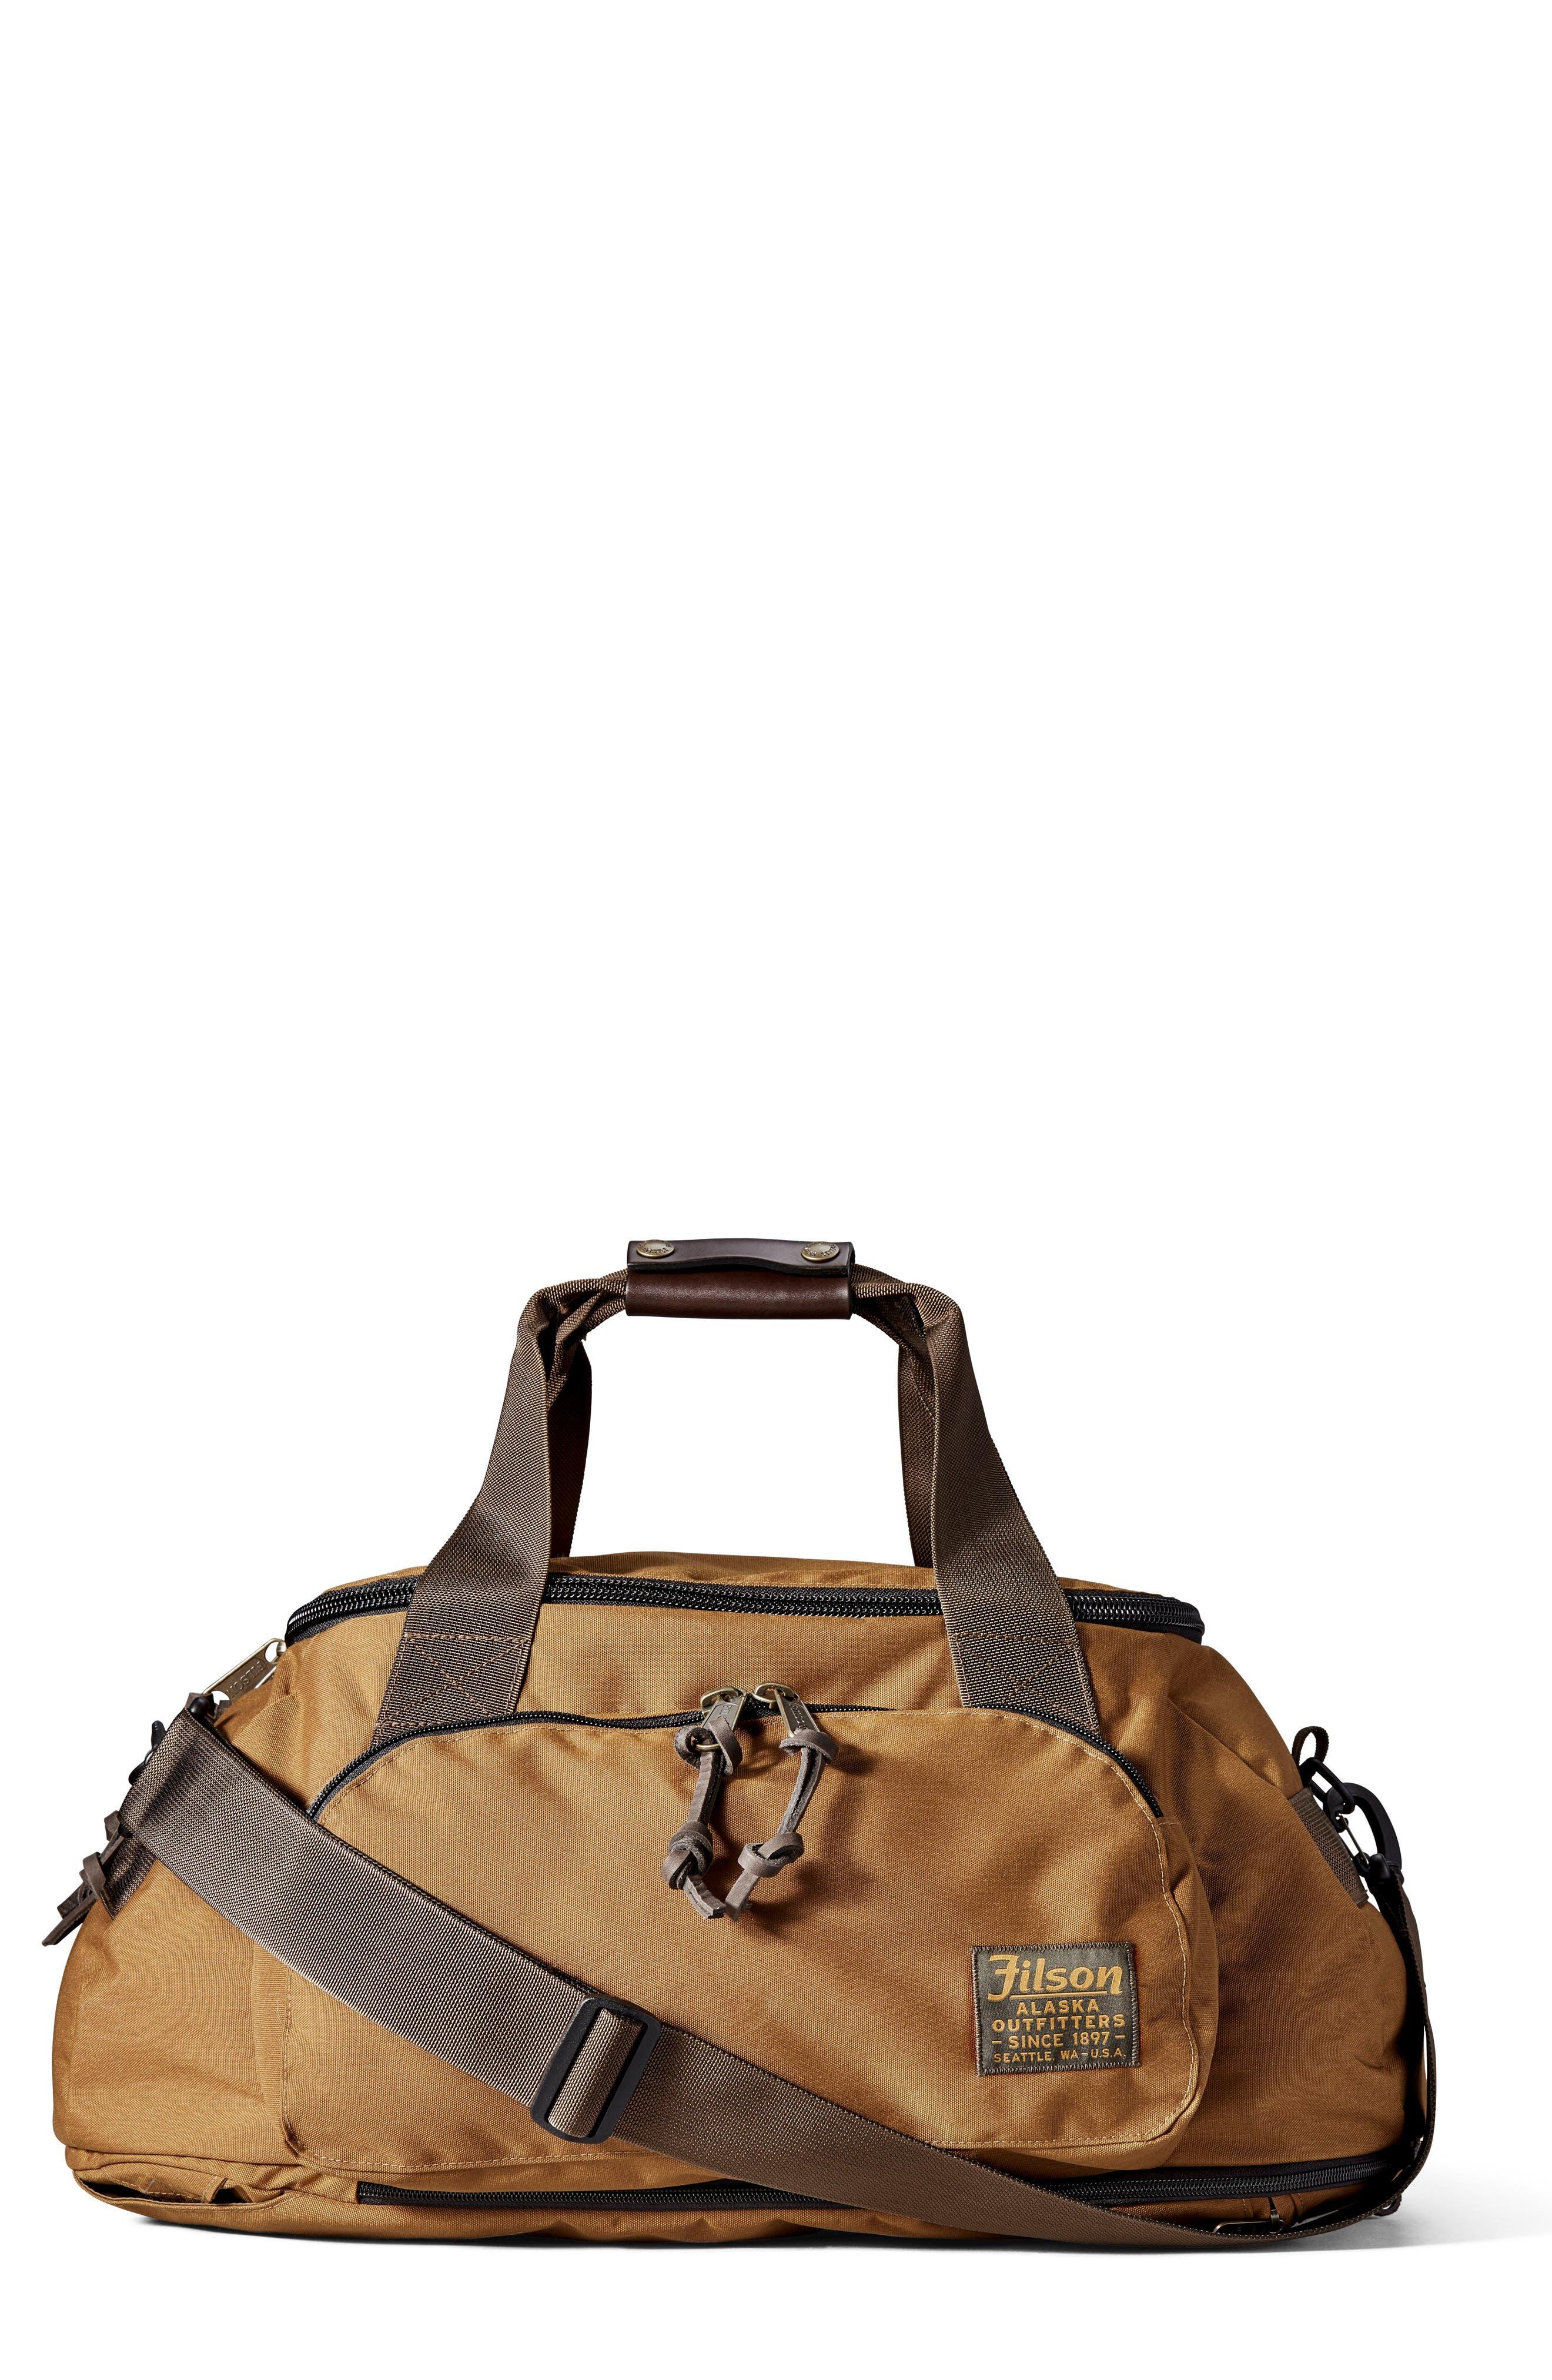 Convertible Duffel Bag